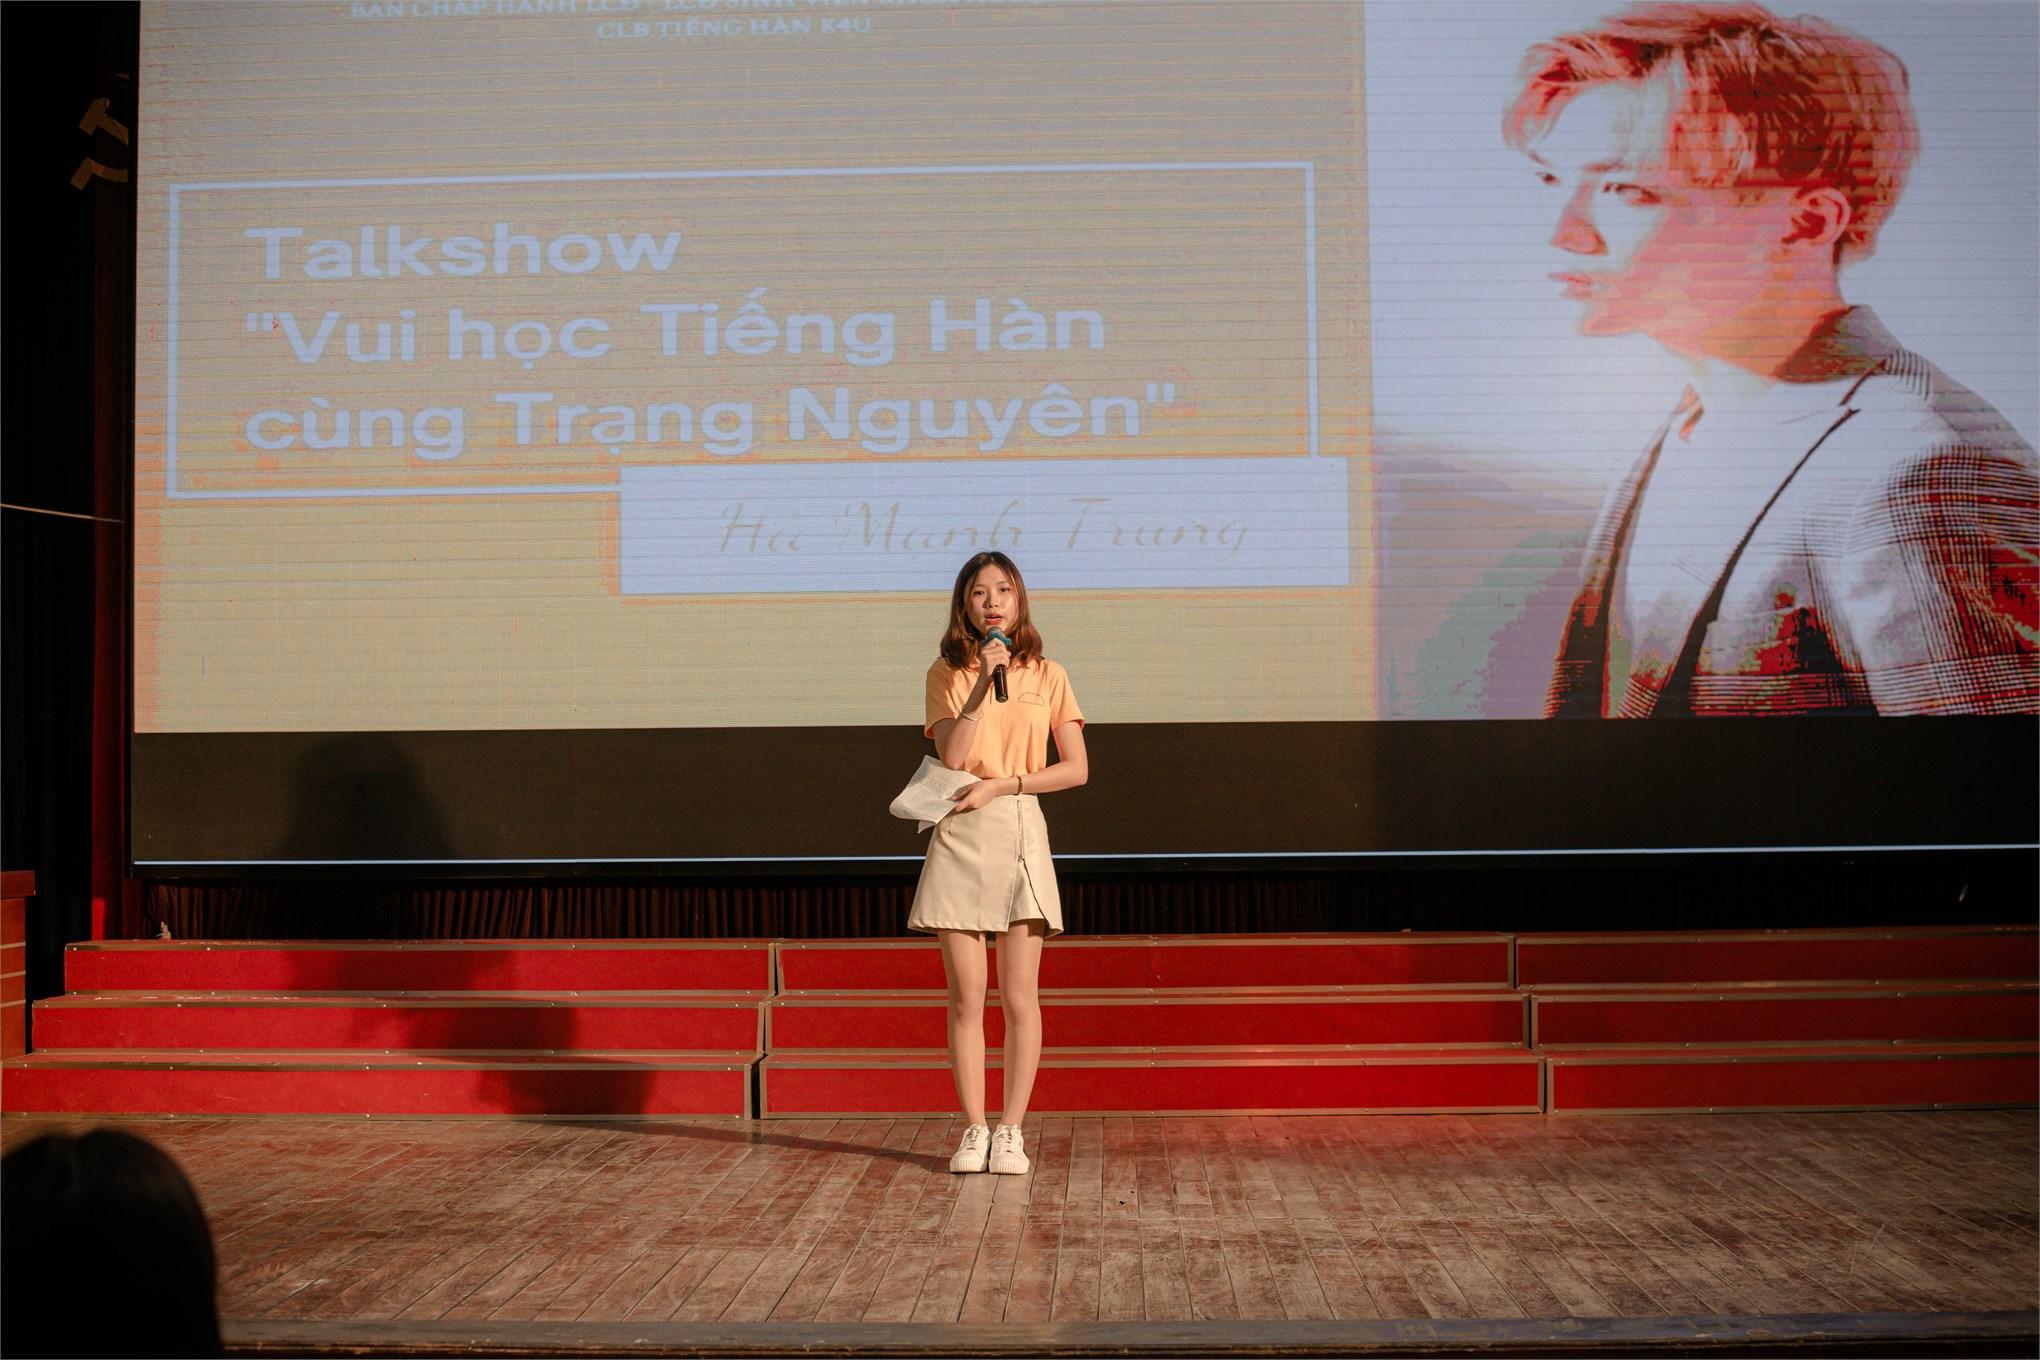 Talkshow `Vui học tiếng Hàn cùng Trạng Nguyên`